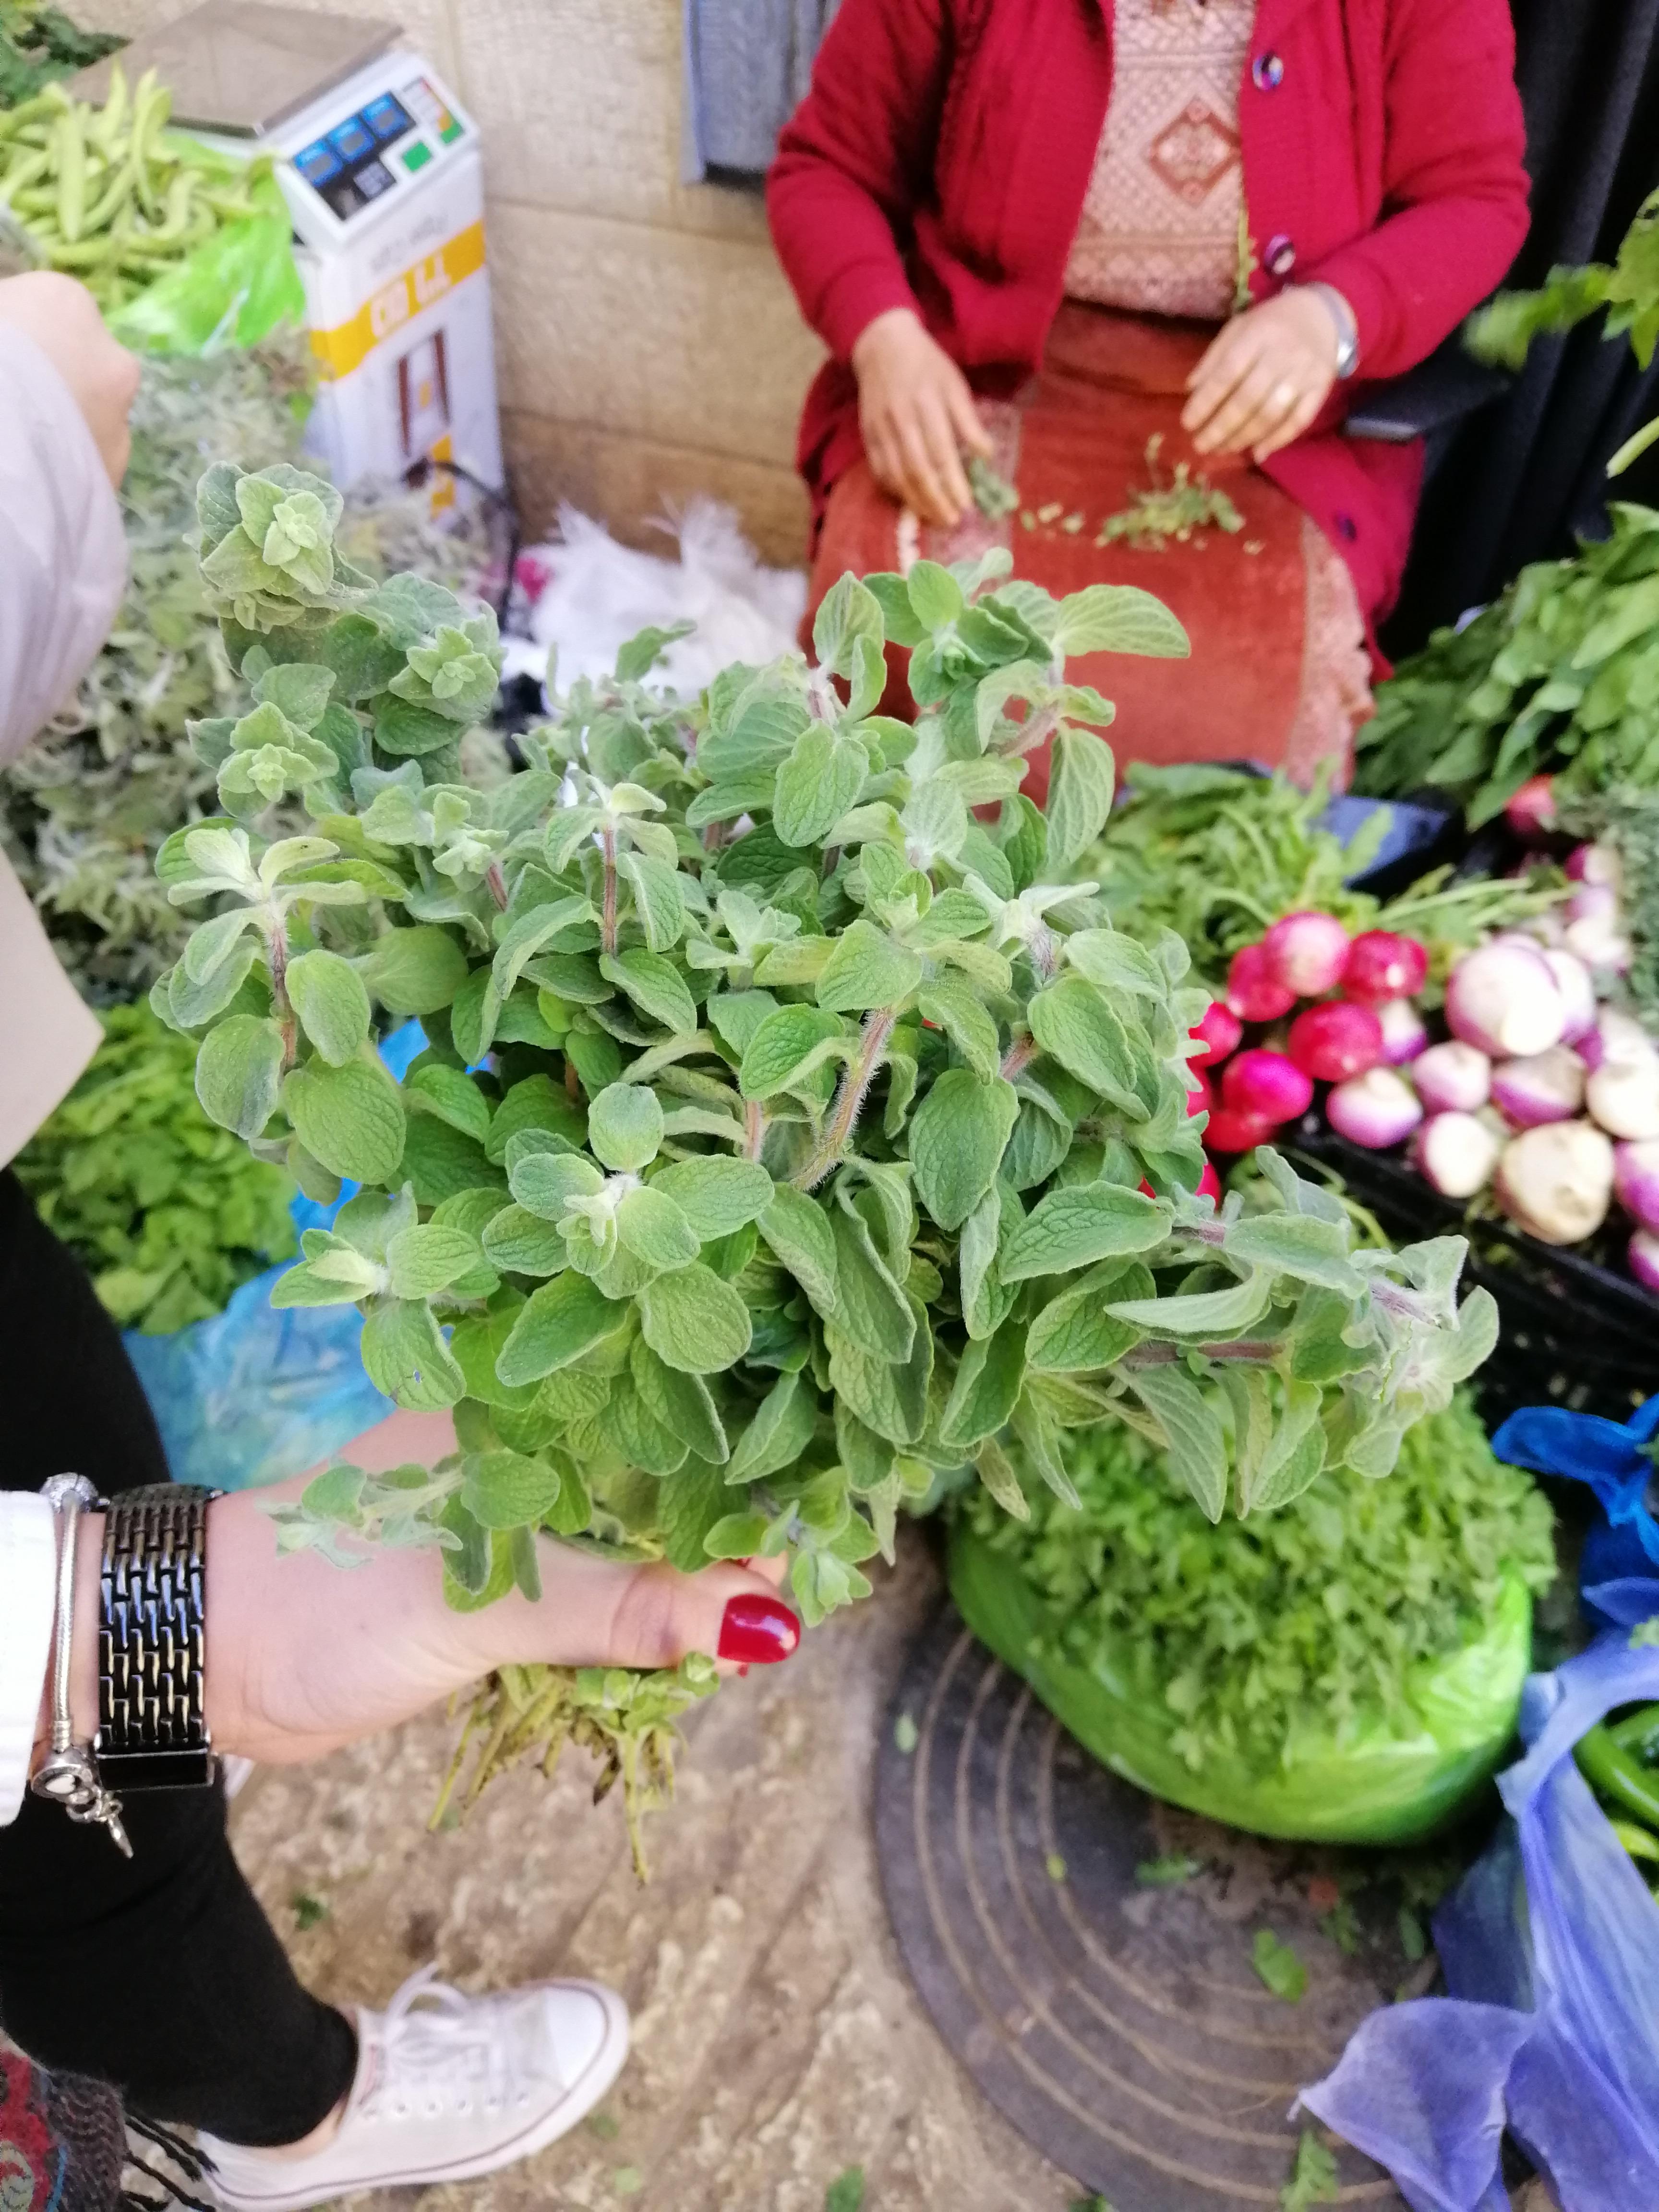 Locally grown za'atar